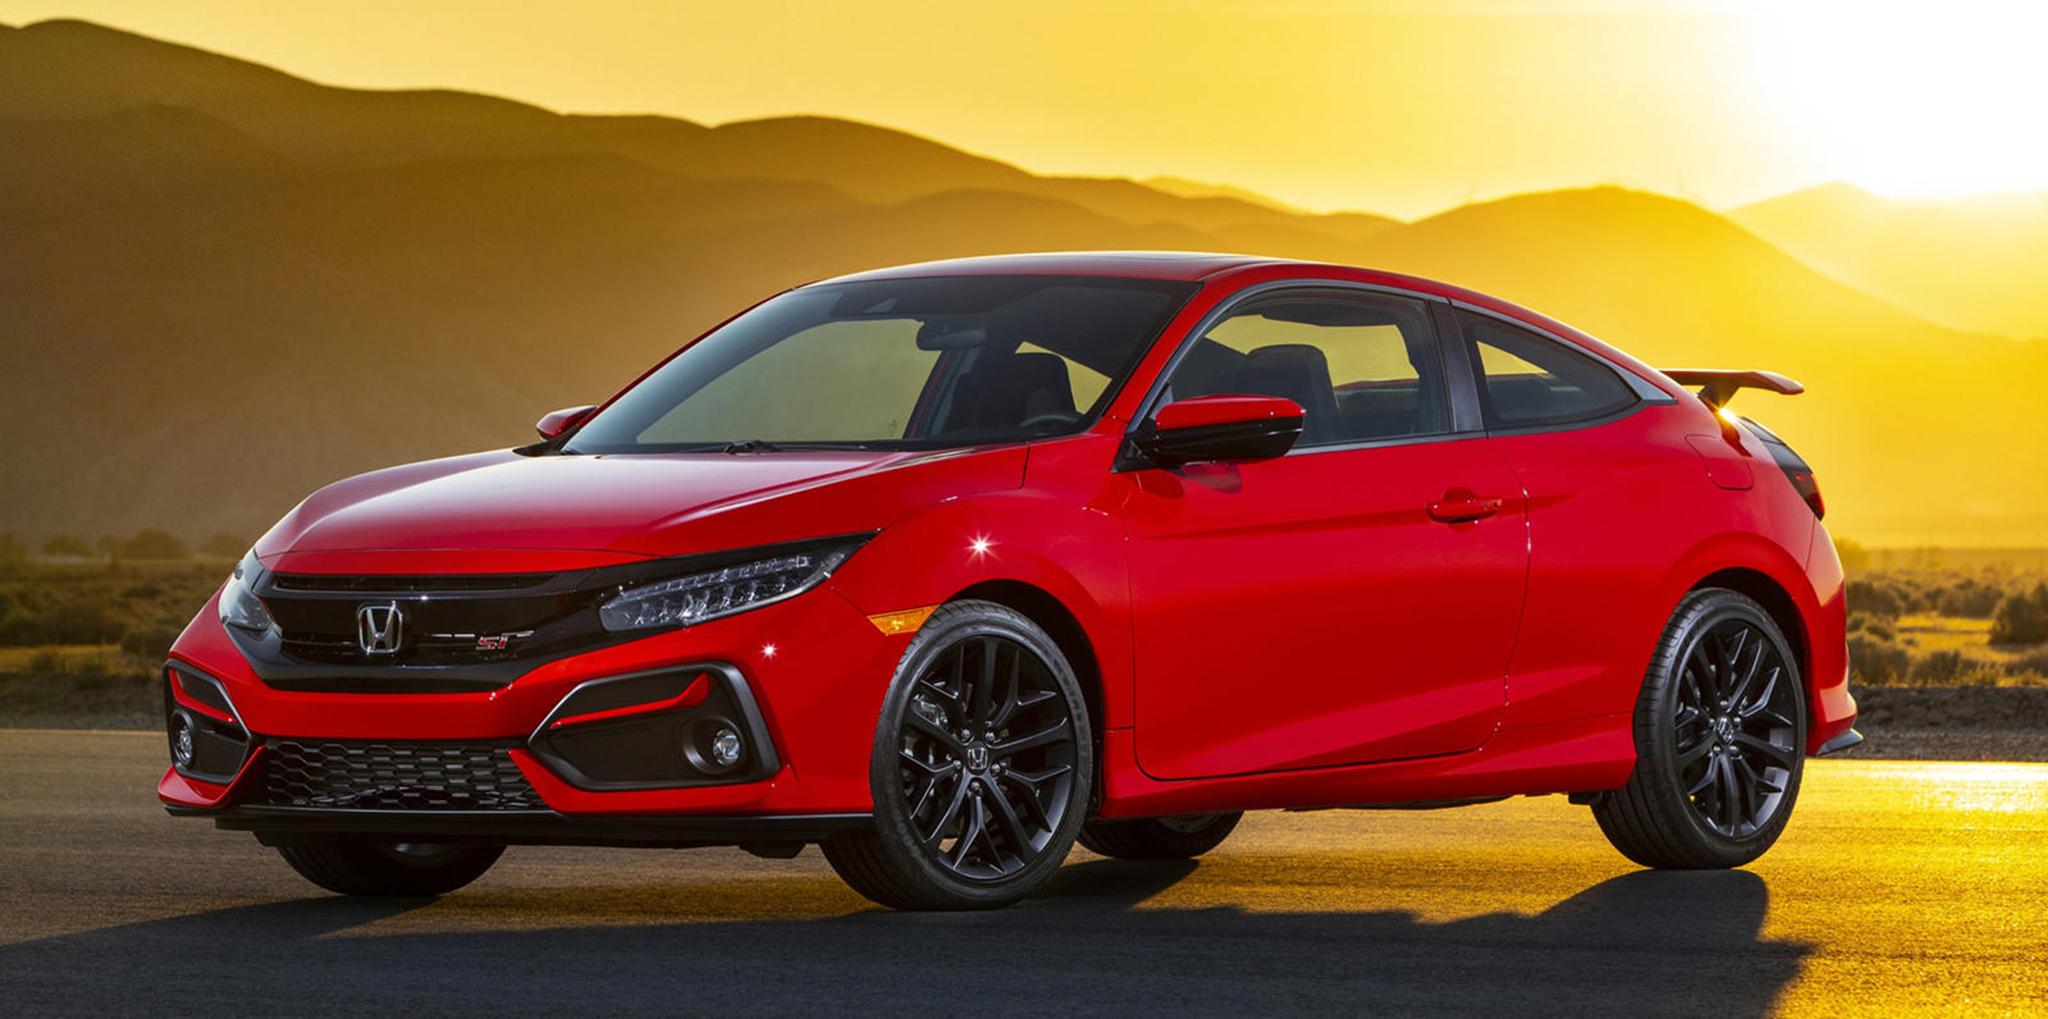 Sức hút của Civic giúp Honda bùng nổ doanh số tại Mỹ